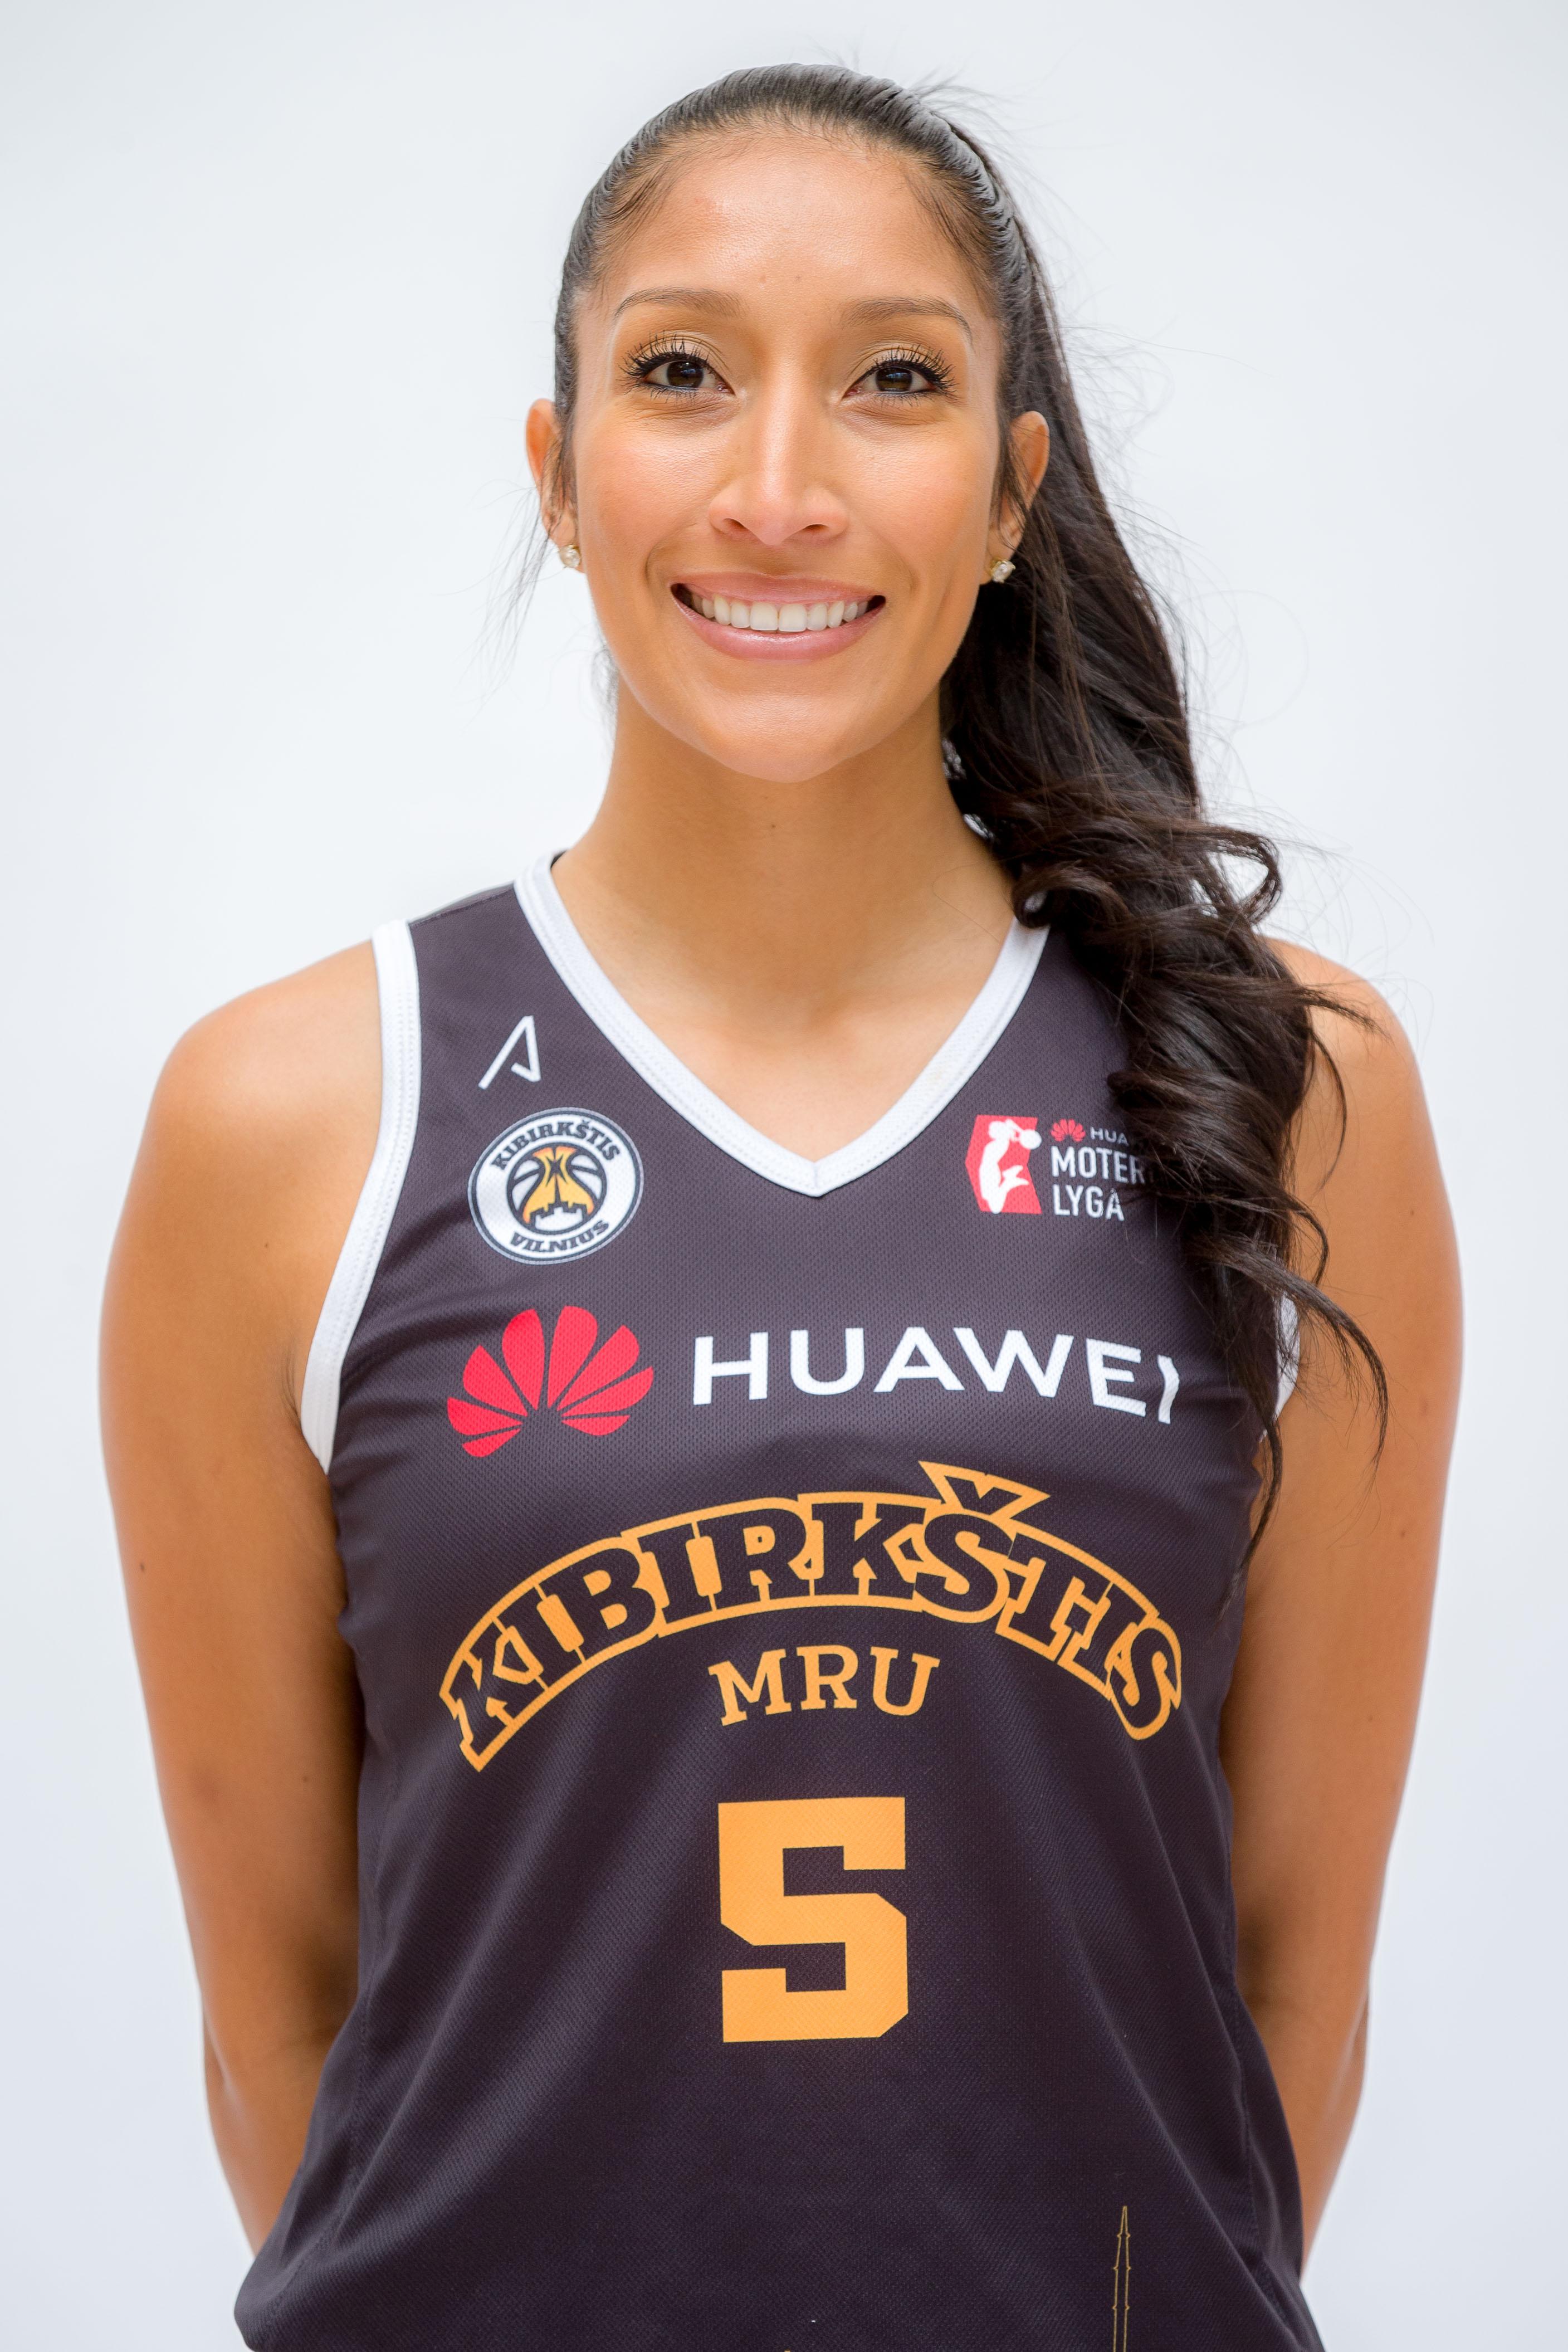 Jacqueline Luna-Castro